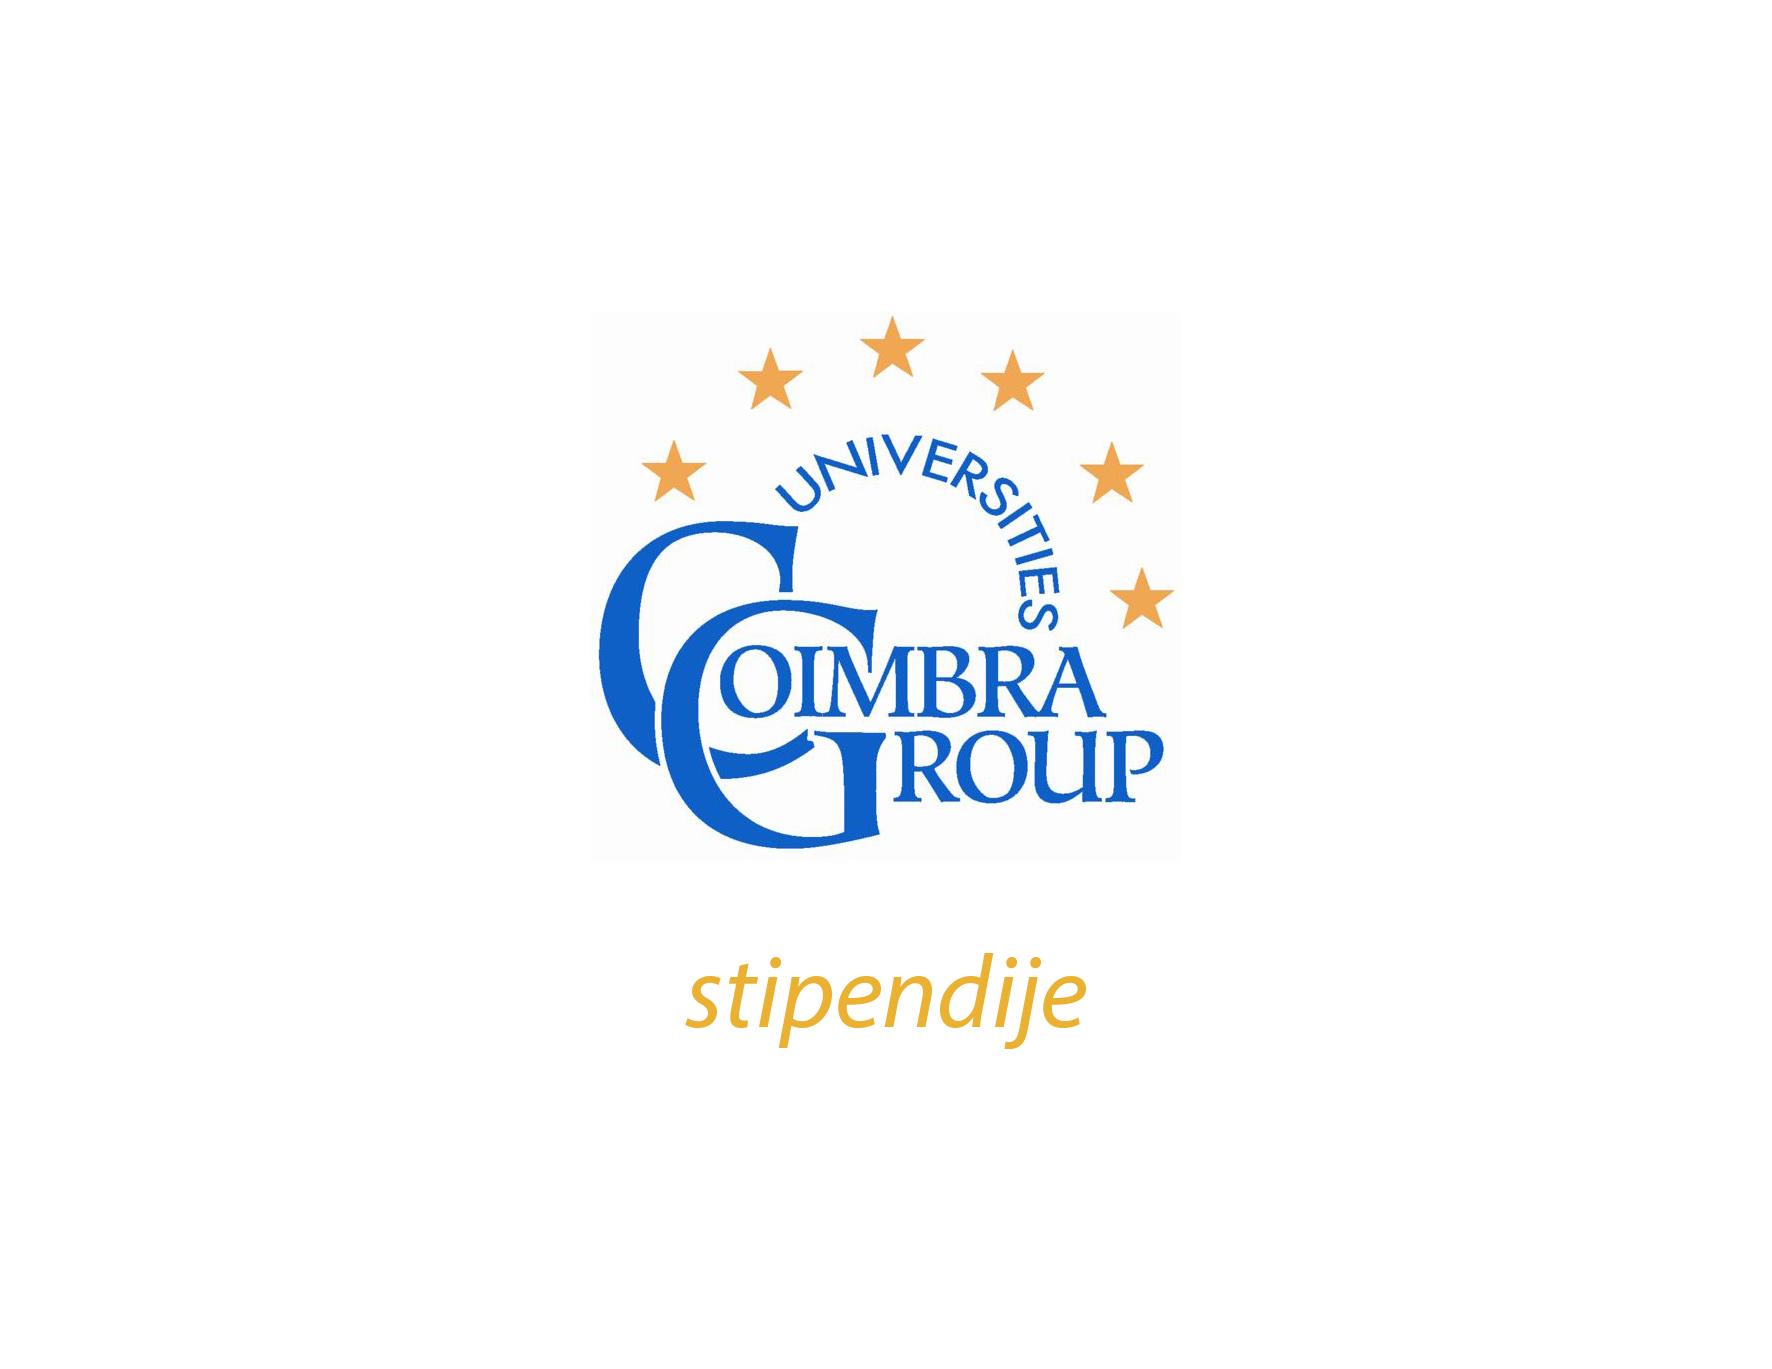 Coimbra Group kratke stipendije